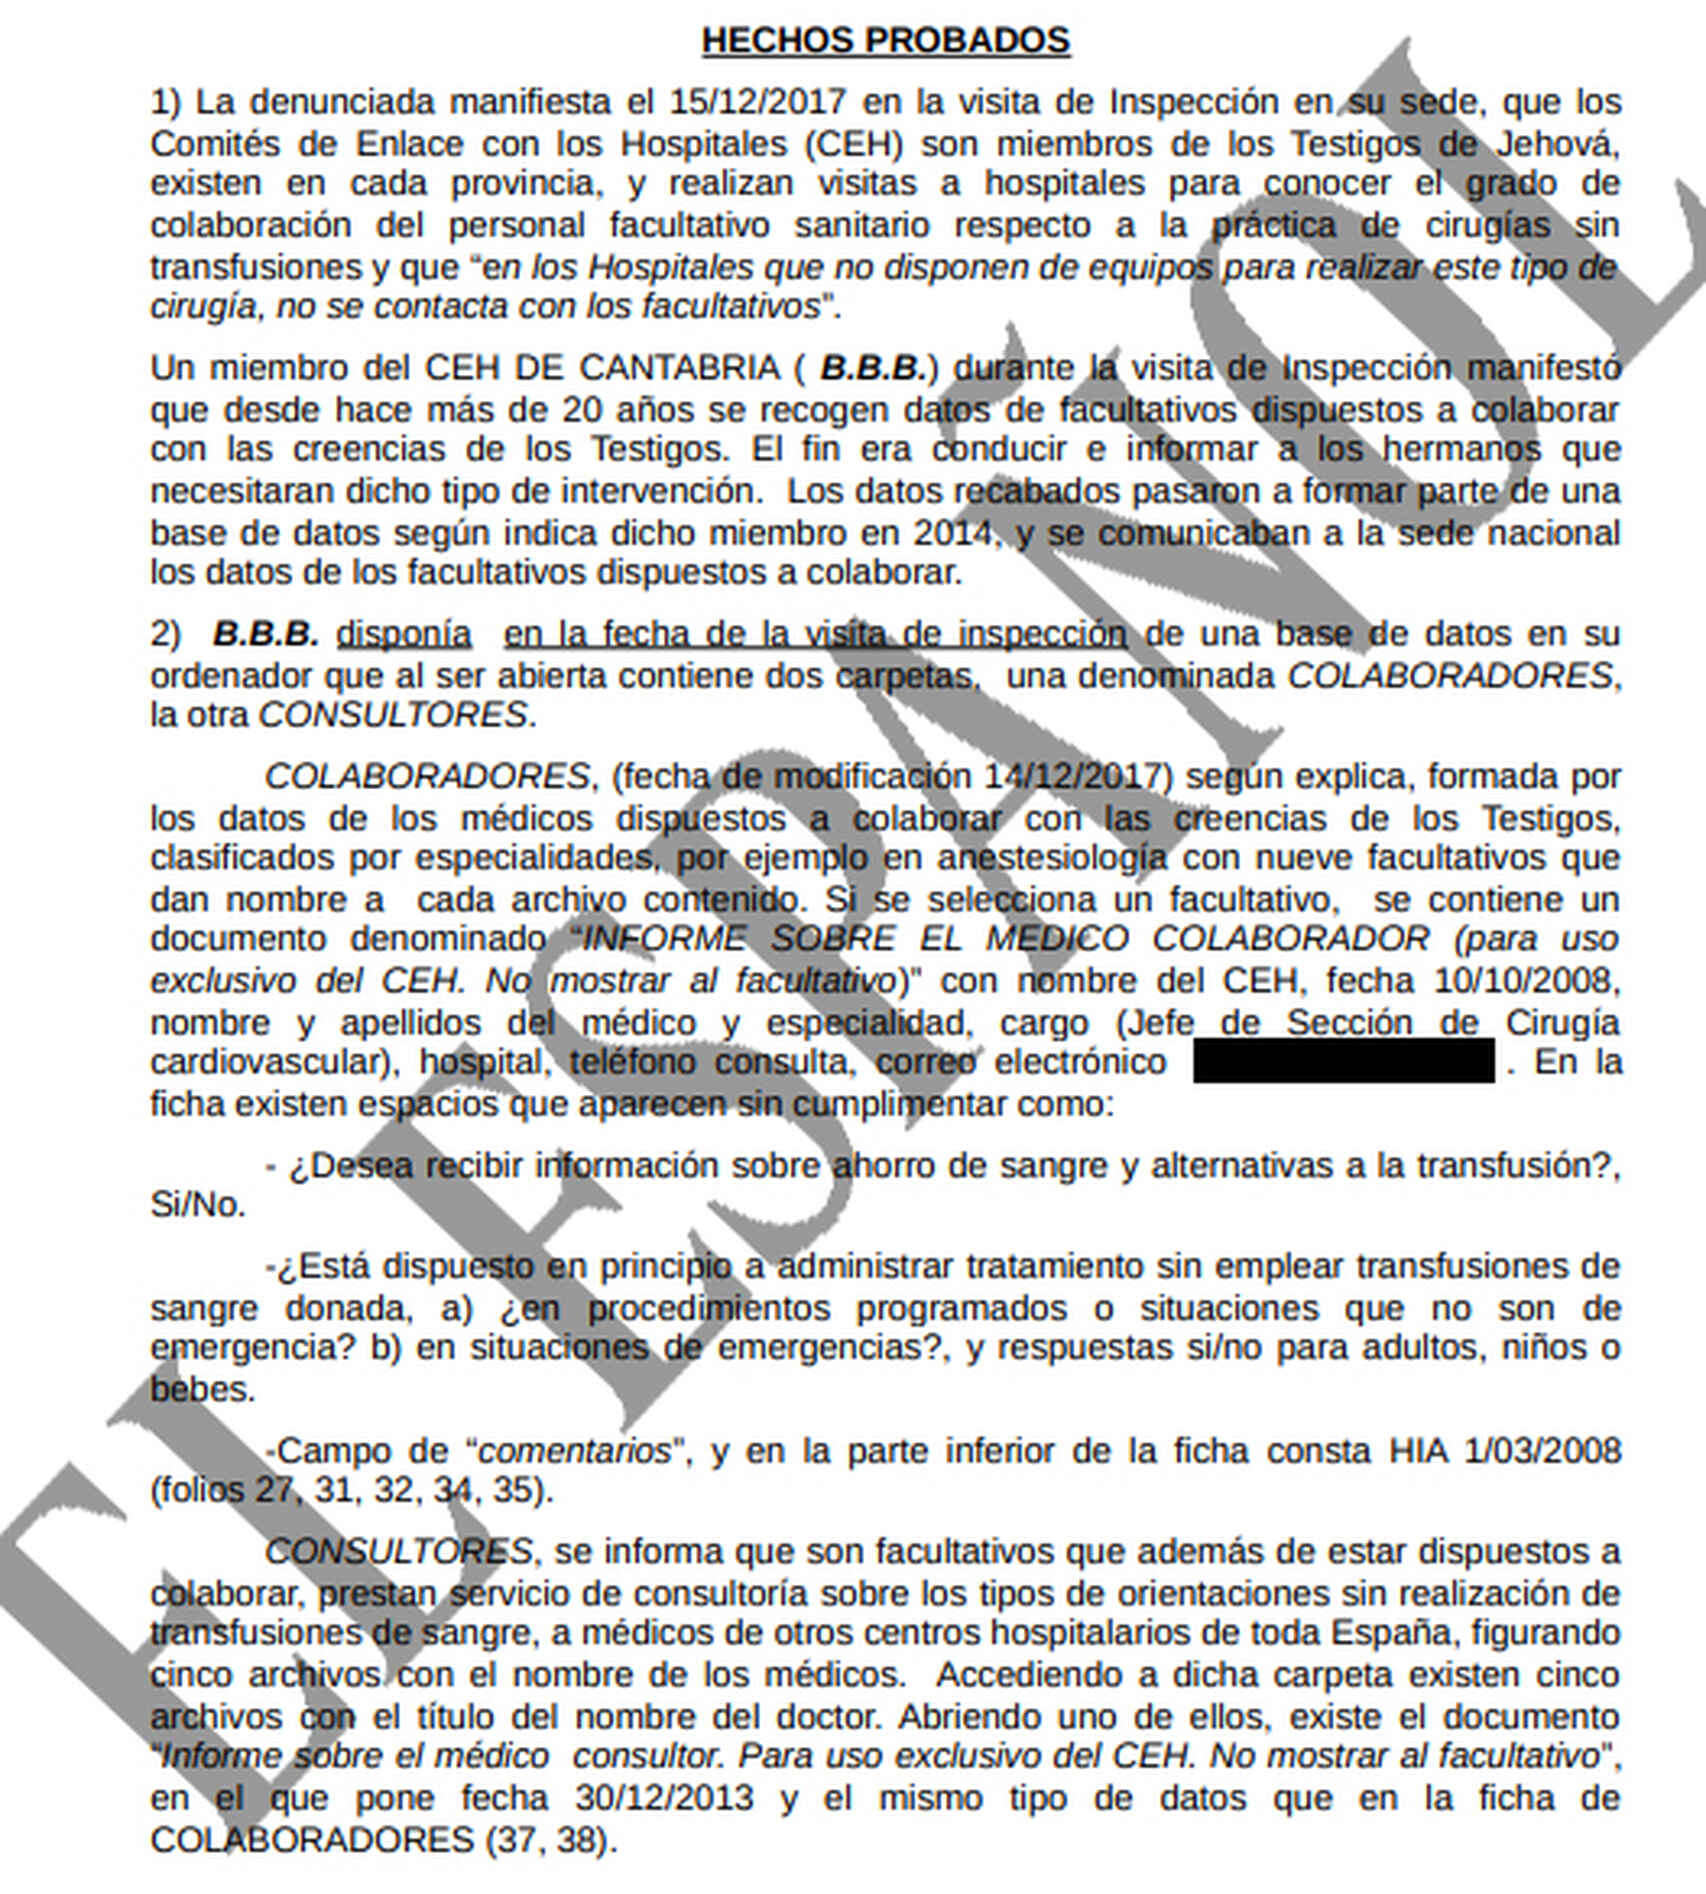 Resolución judicial en la que se detalla cómo los Testigos de Jehová robaron datos personales en un hospital de Cantabria.